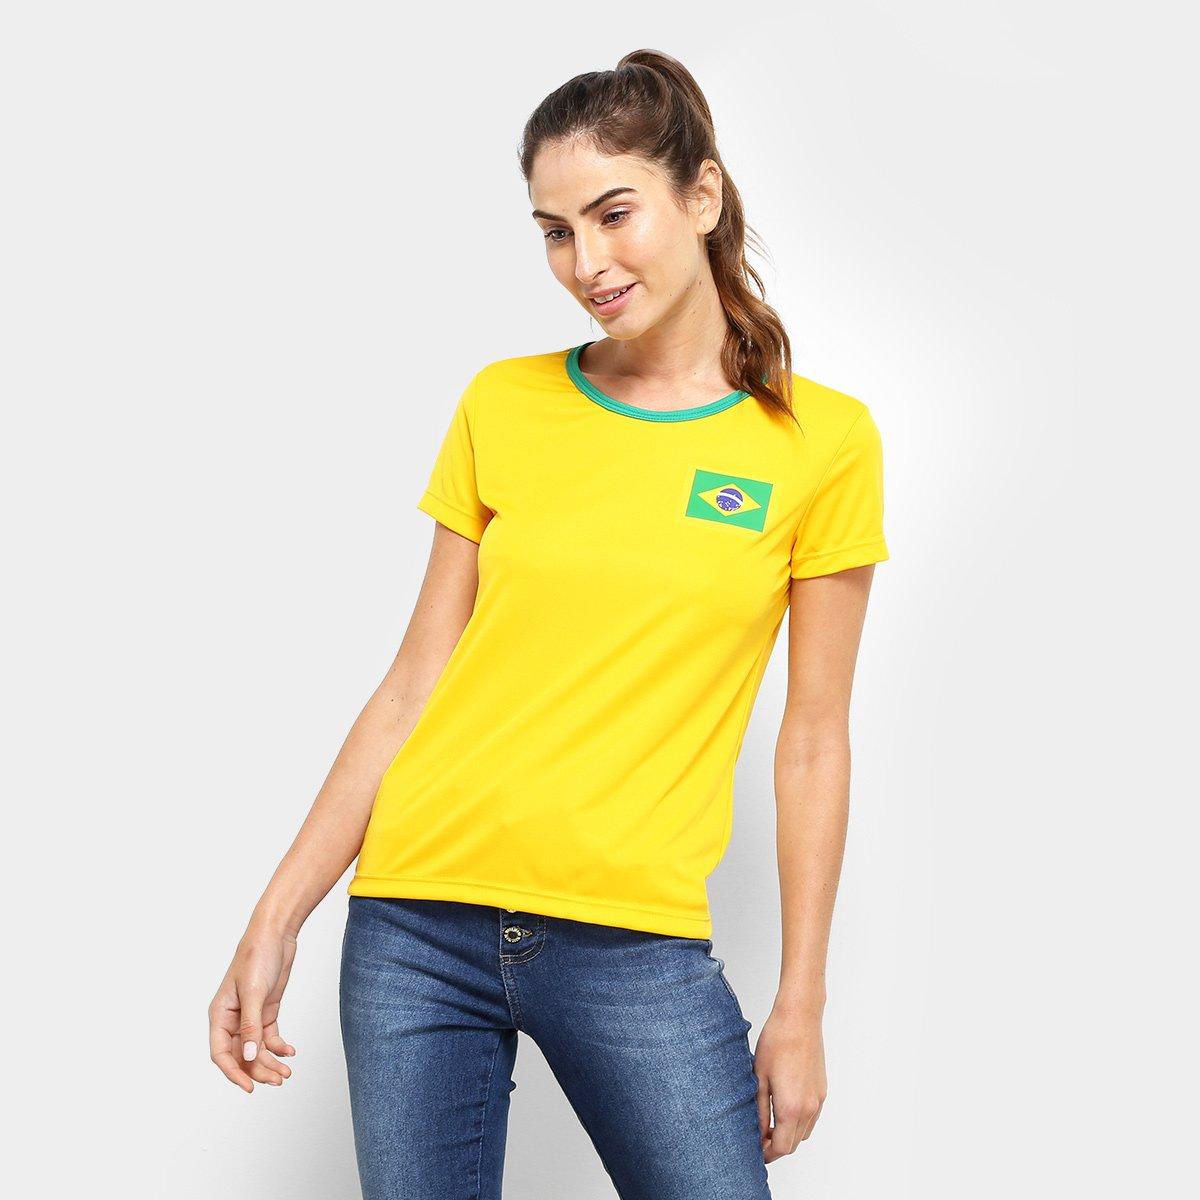 Camisa Brasil Torcedor Feminina - Dotz  8f5014d0a7a82